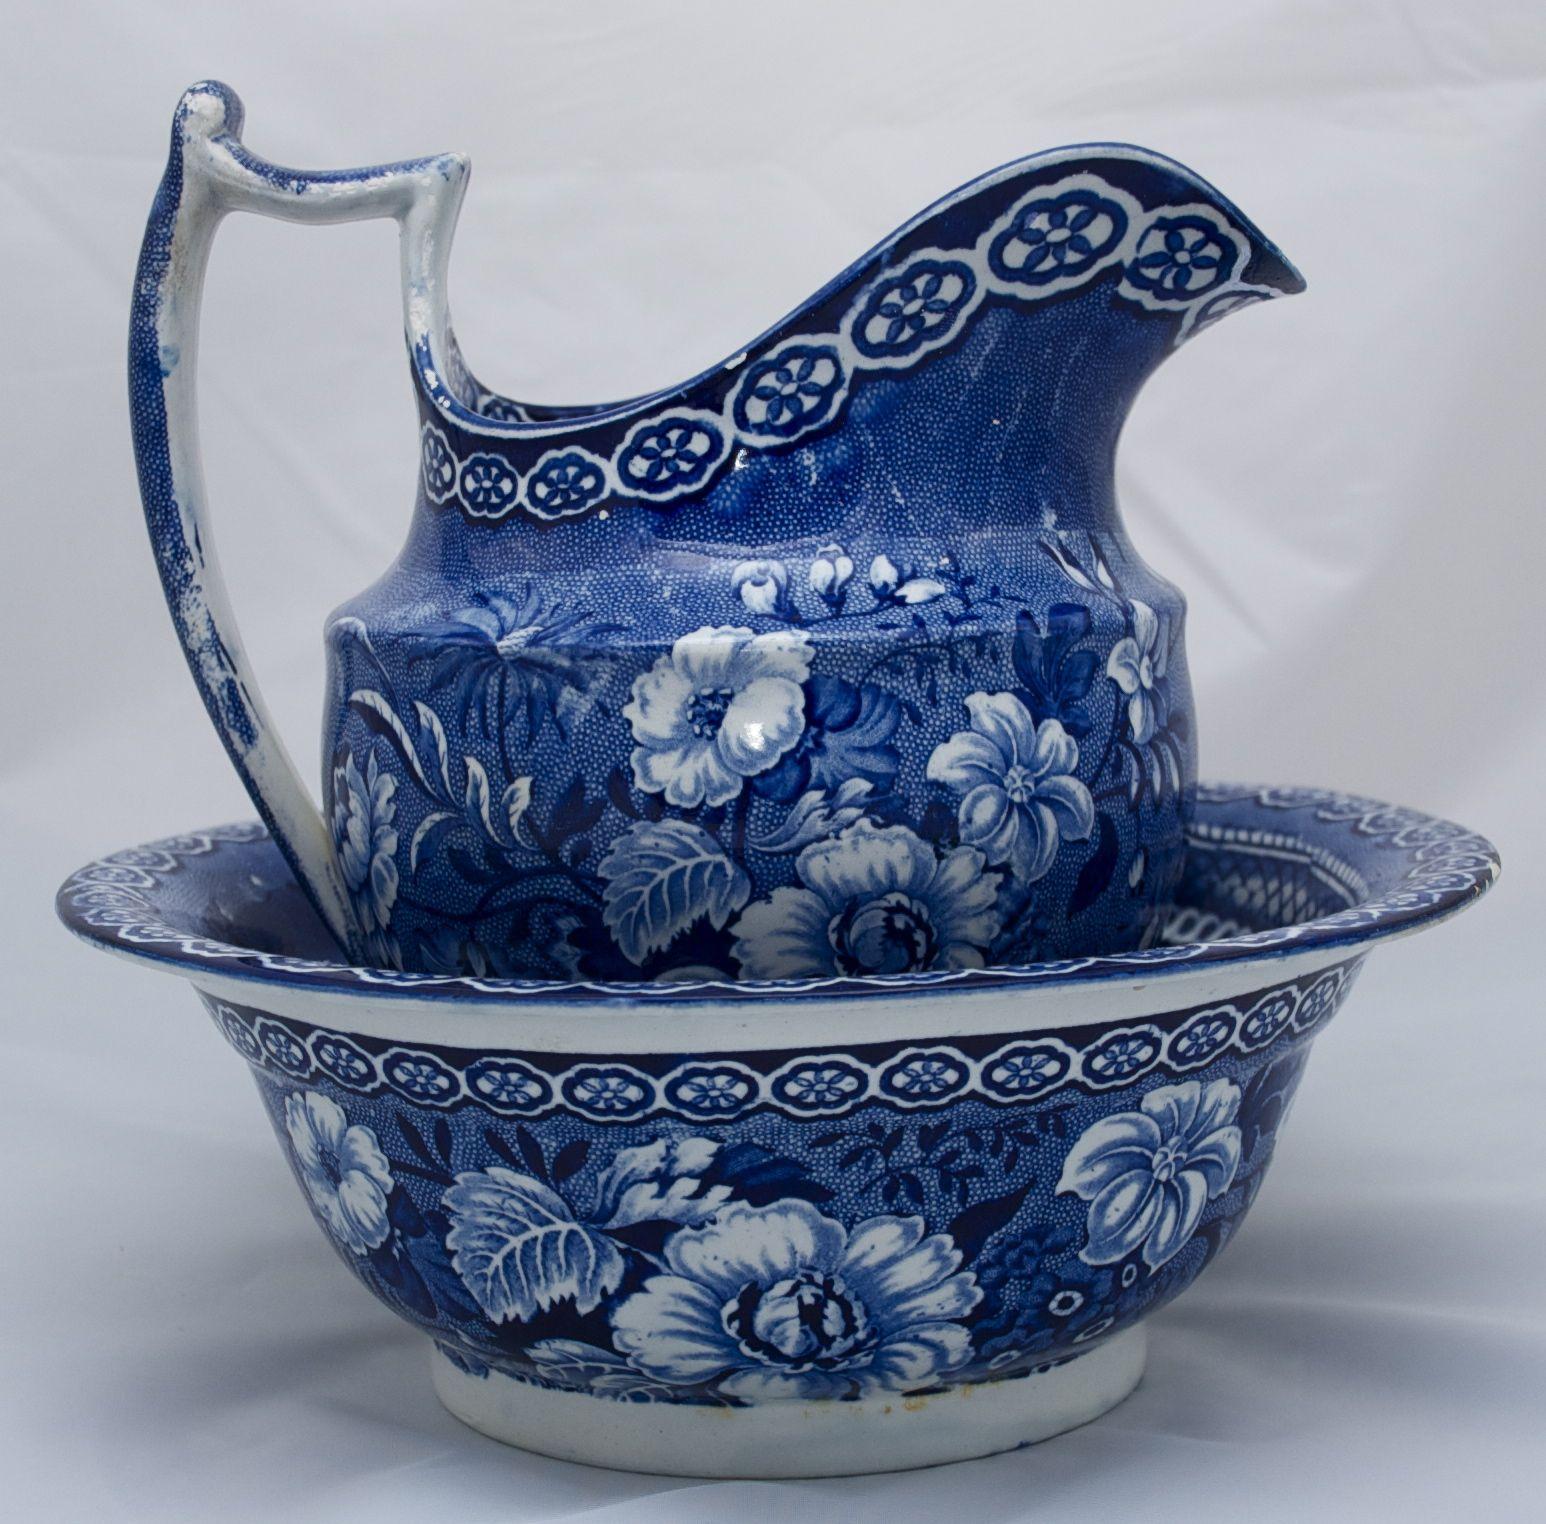 blue and white transferware pitcher and bowl vintage geschirr und hausrat pinterest blau. Black Bedroom Furniture Sets. Home Design Ideas